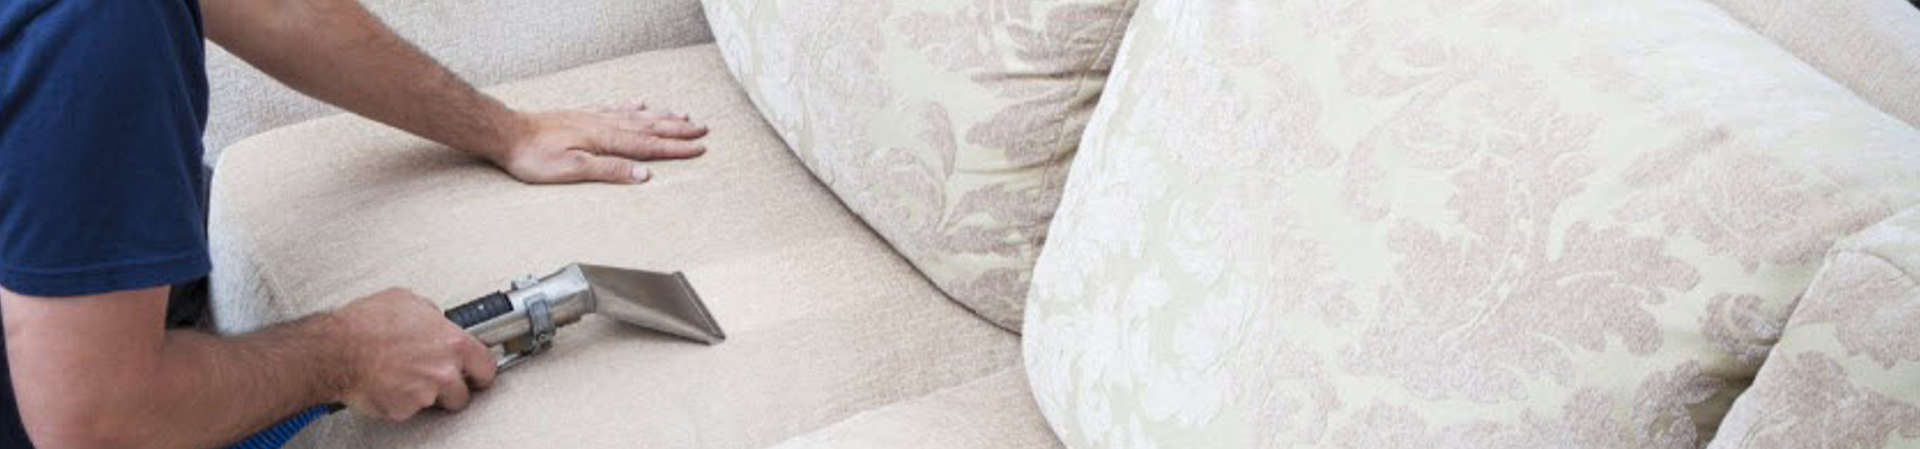 10 mejores empresas limpieza de sof s a domicilio - Limpieza sofas a domicilio ...